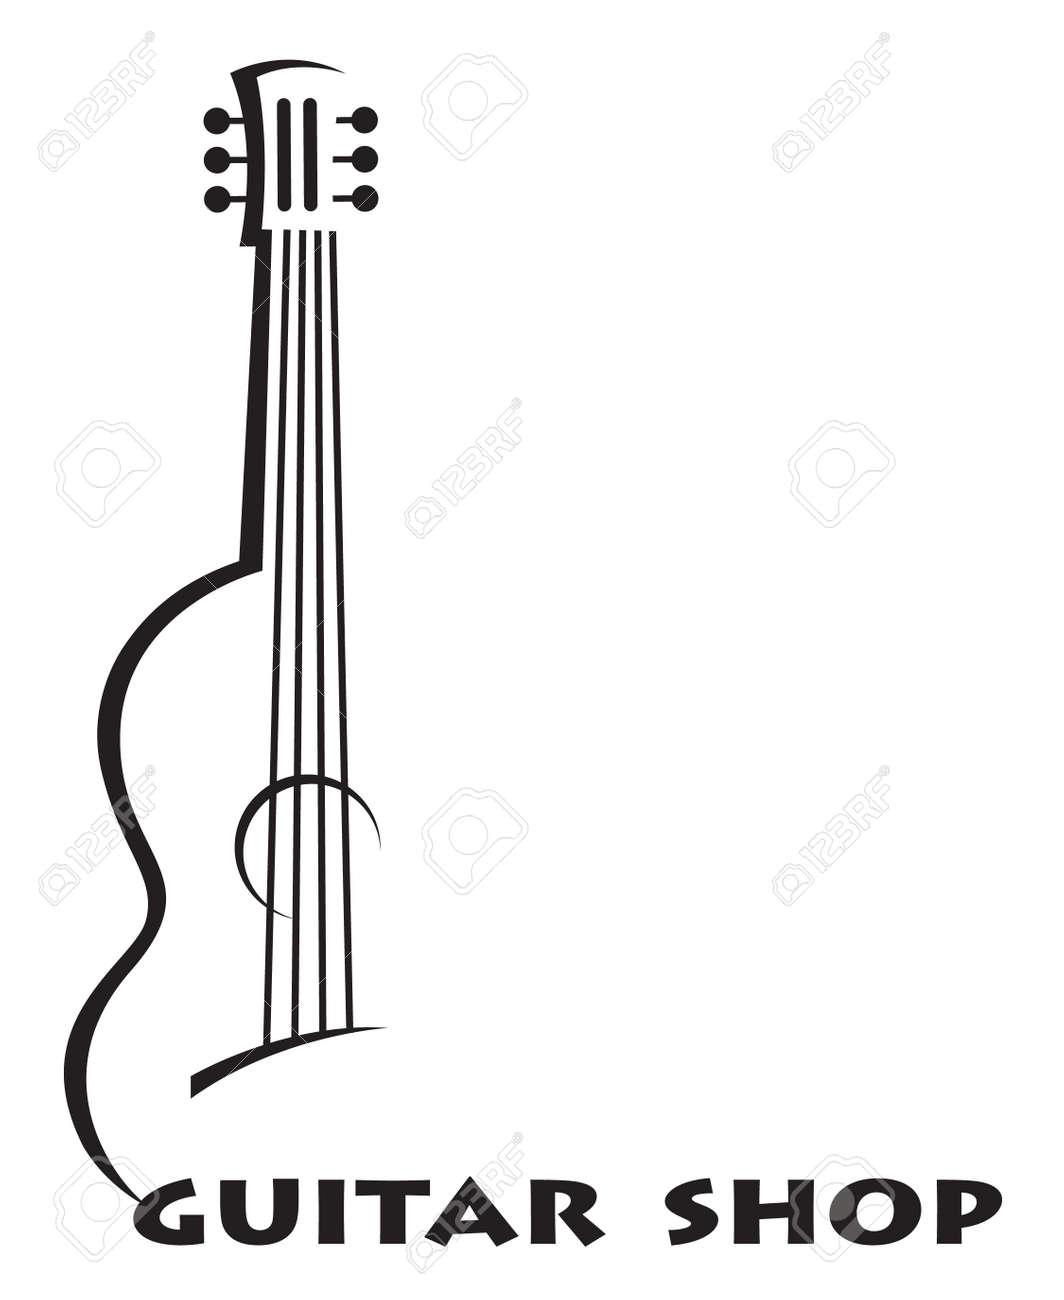 テキストとギターのモノクロ ポスター ロイヤリティフリークリップアート